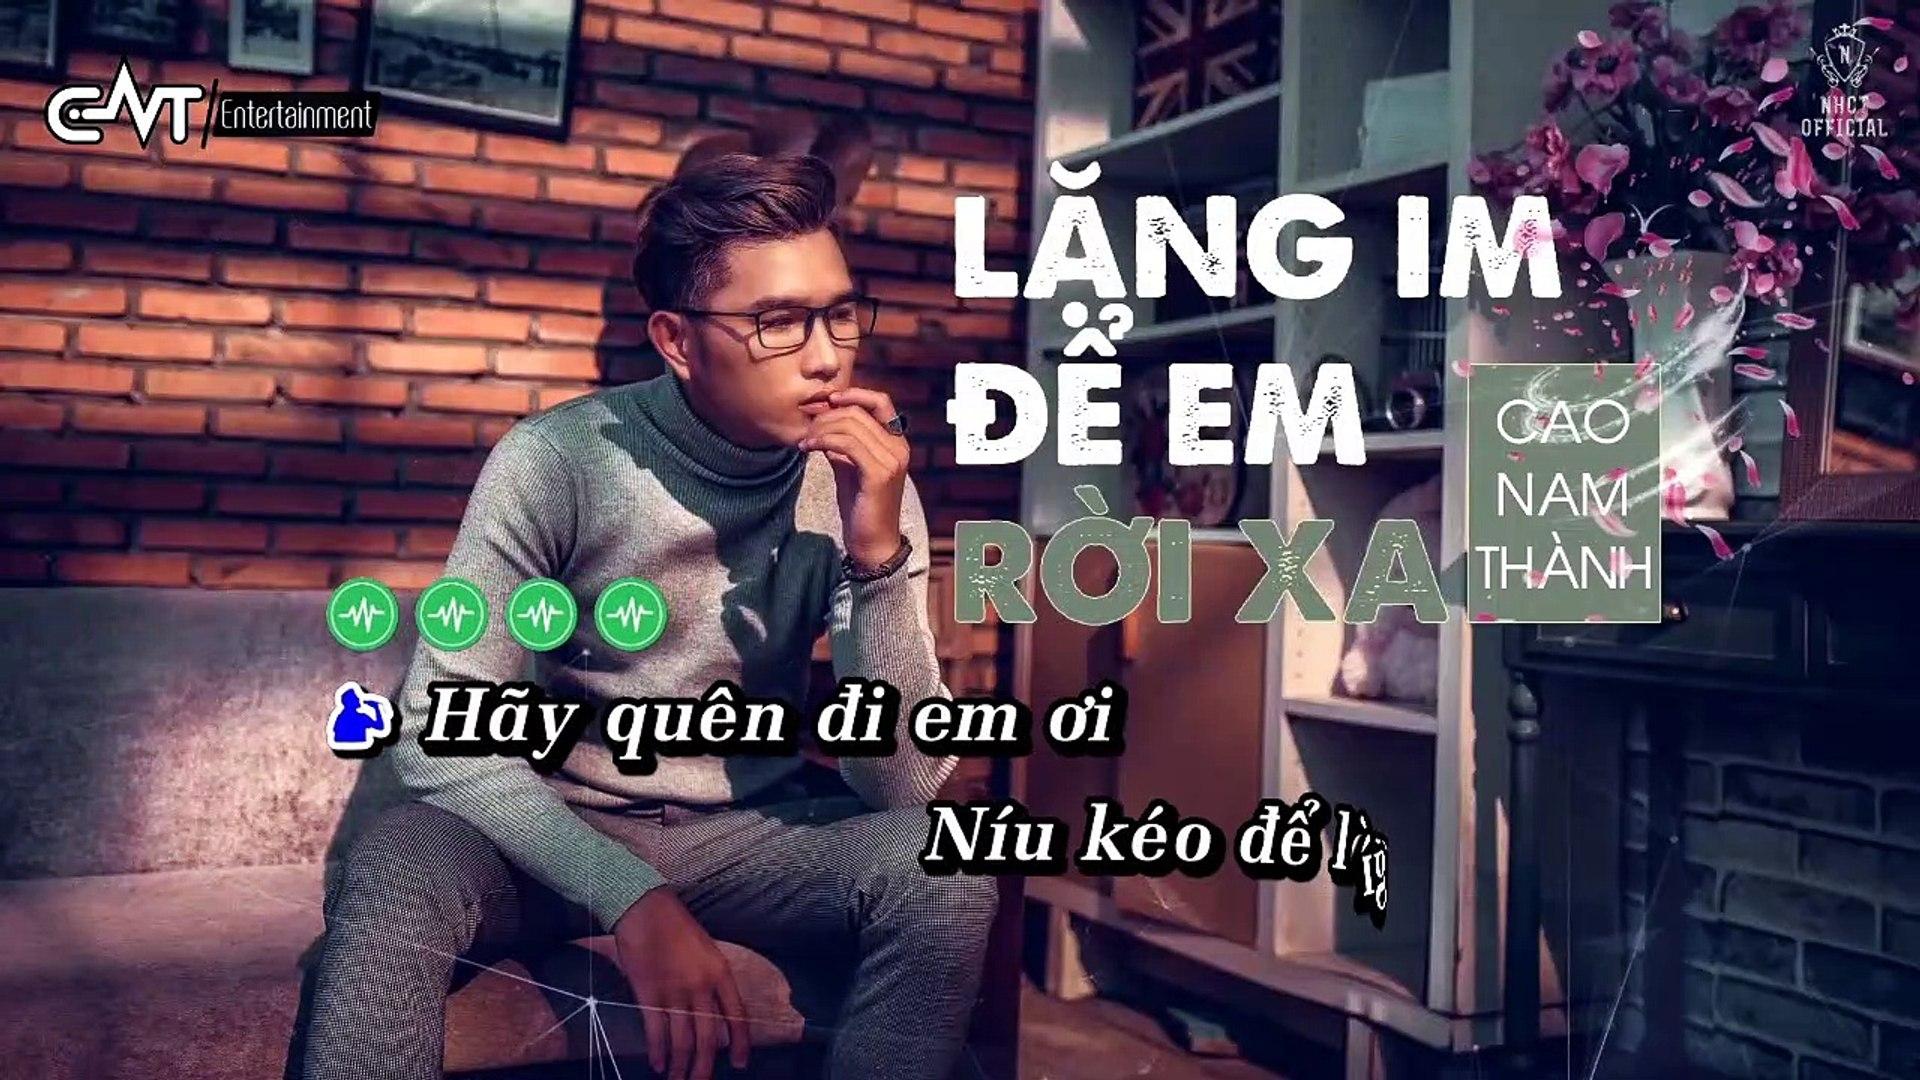 [Karaoke] Lặng Im Để Em Rời Xa - Cao Nam Thành [Beat]